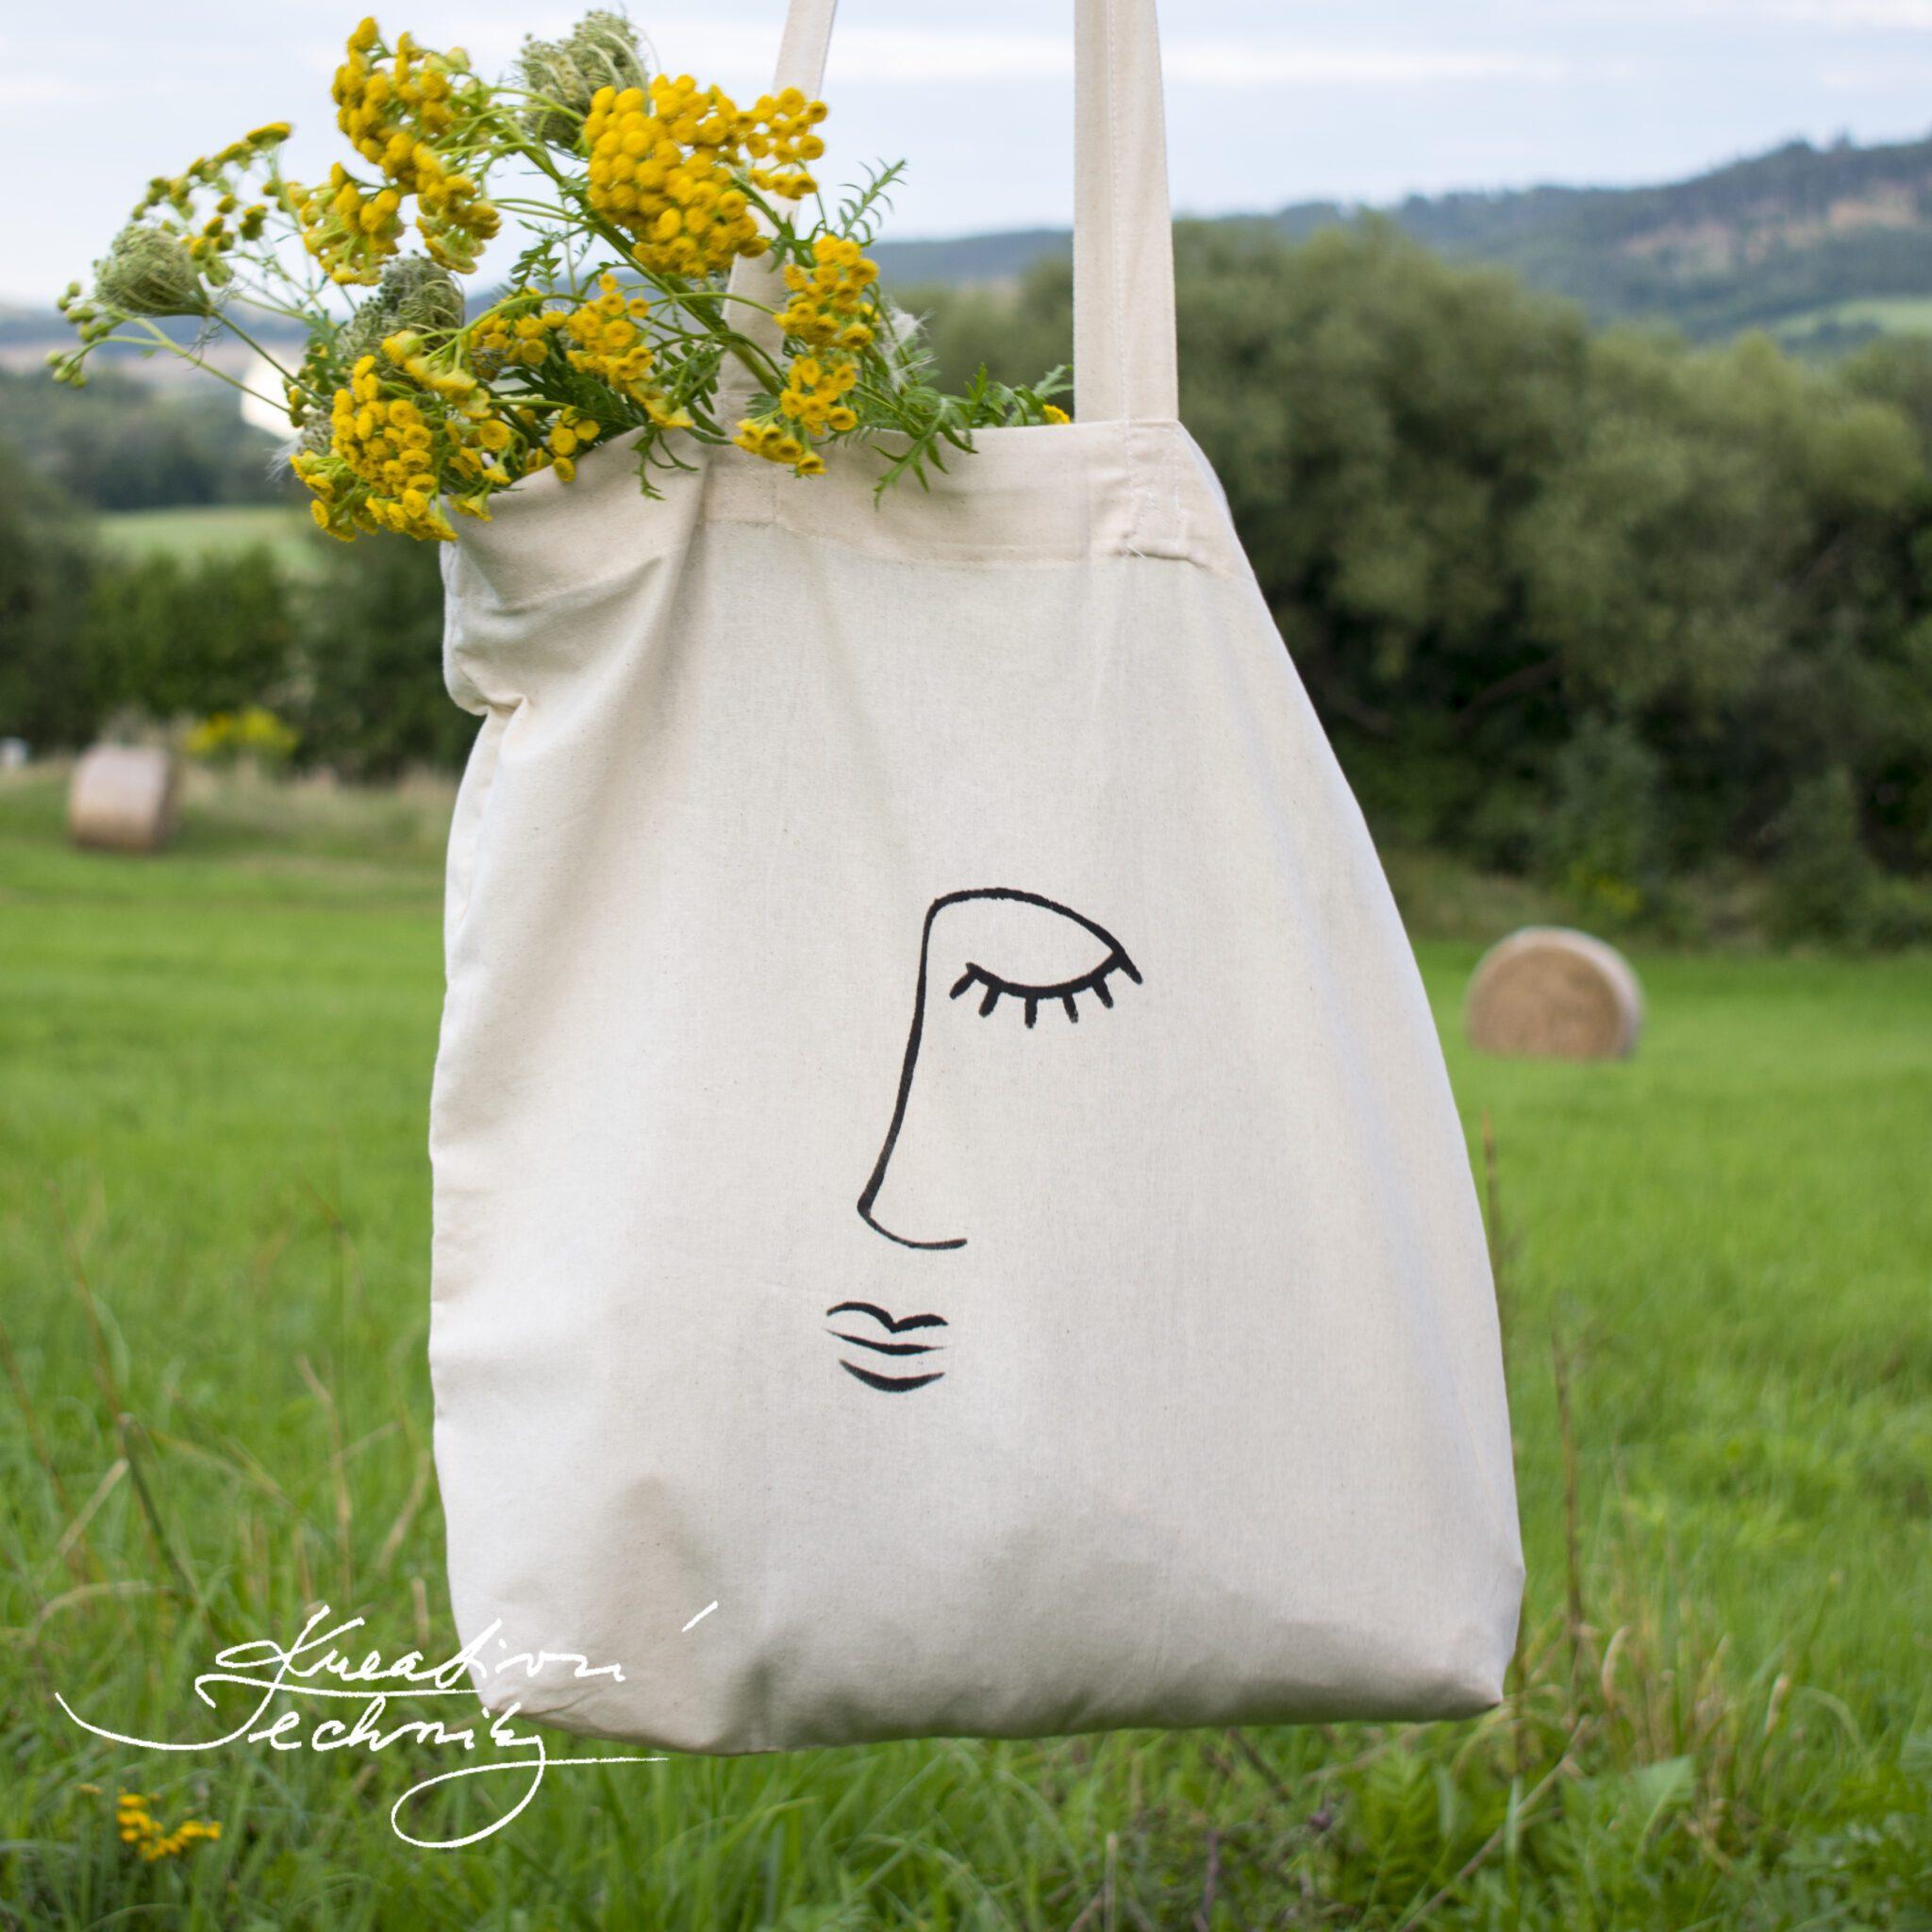 Látková taška. Látkové tašky. Taška. Taška přes rameno. Tašky. Plátěná taška. Plátěné tašky. Plátěné tašky přes rameno. Plátěná taška přes rameno. Plátěné nákupní tašky. Plátěná nákupní taška. Taška přes rameno plátěná. Látkové tašky přes rameno. Látkové nákupní tašky. Látková taška přes rameno. Jak ušít látkovou tašku. Látková nákupní taška. Látkové tašky domácí výroba. Tisk na tašky. Linoryt tisk na tasku. Návod. Návody. Taška s vlastním potiskem. Vlastní potisk na tašku. Minimalistický styl. Autorská móda. DIY. Ruční tisk. Ruční potisk. Ruční práce. Ruční práce návody. Tvoření. Kreativní tvoření. Inspirace. Výtvarné nápady. Šablony k vytisknutí. Šablona k vytisknutí. Šablony. Šablony na malování. Obrysová šablona. Šablony na kreslení. Kopírovací šablona. Pdf. Šablony ke stažení. Obrys. Obrysy. Obličej.